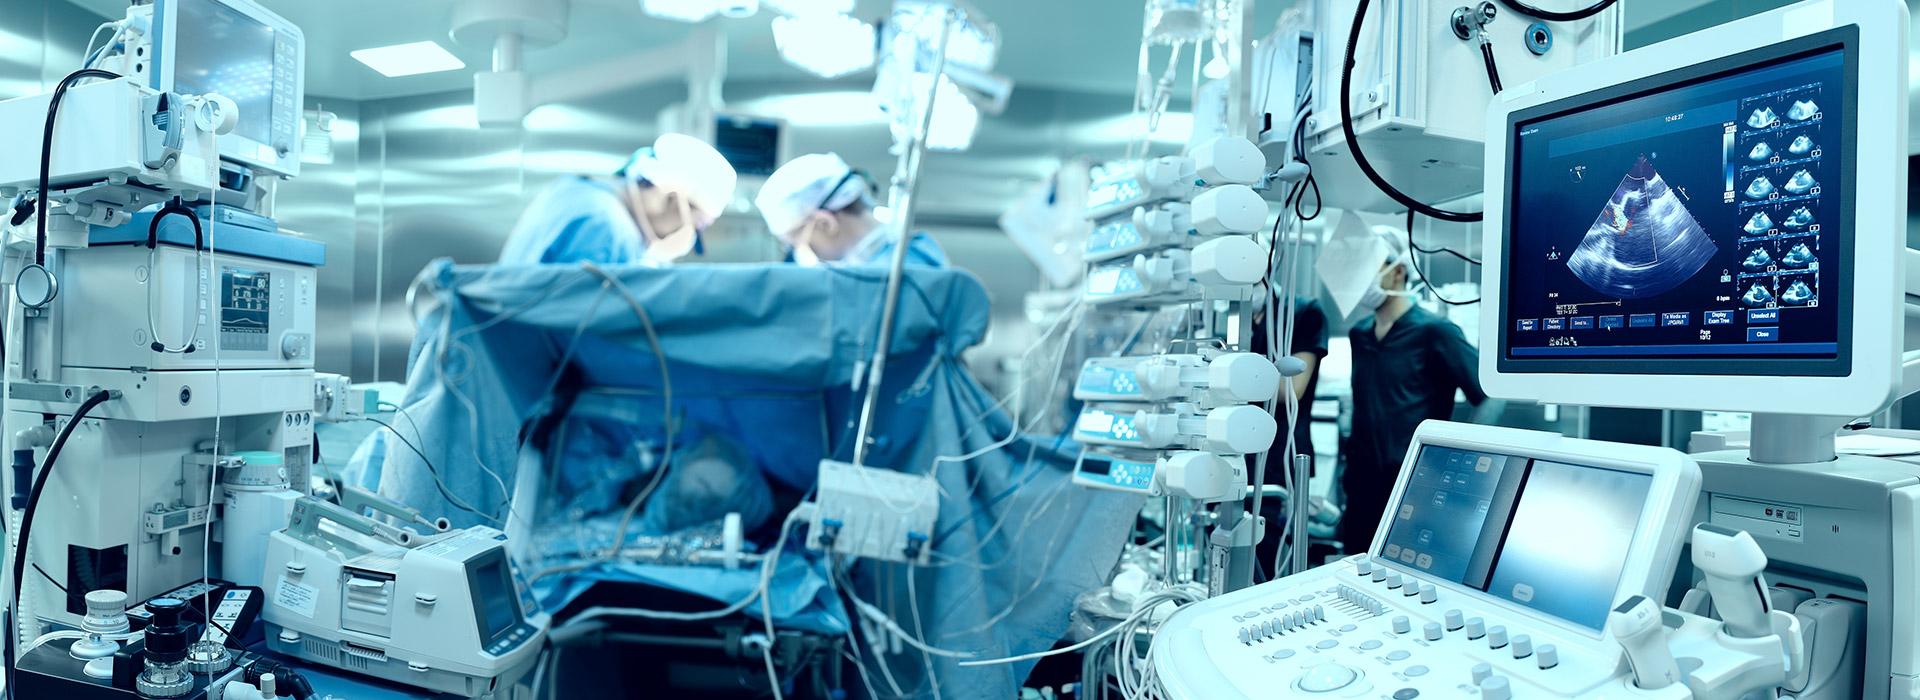 Cum de a identifica si trata hernii abdominale